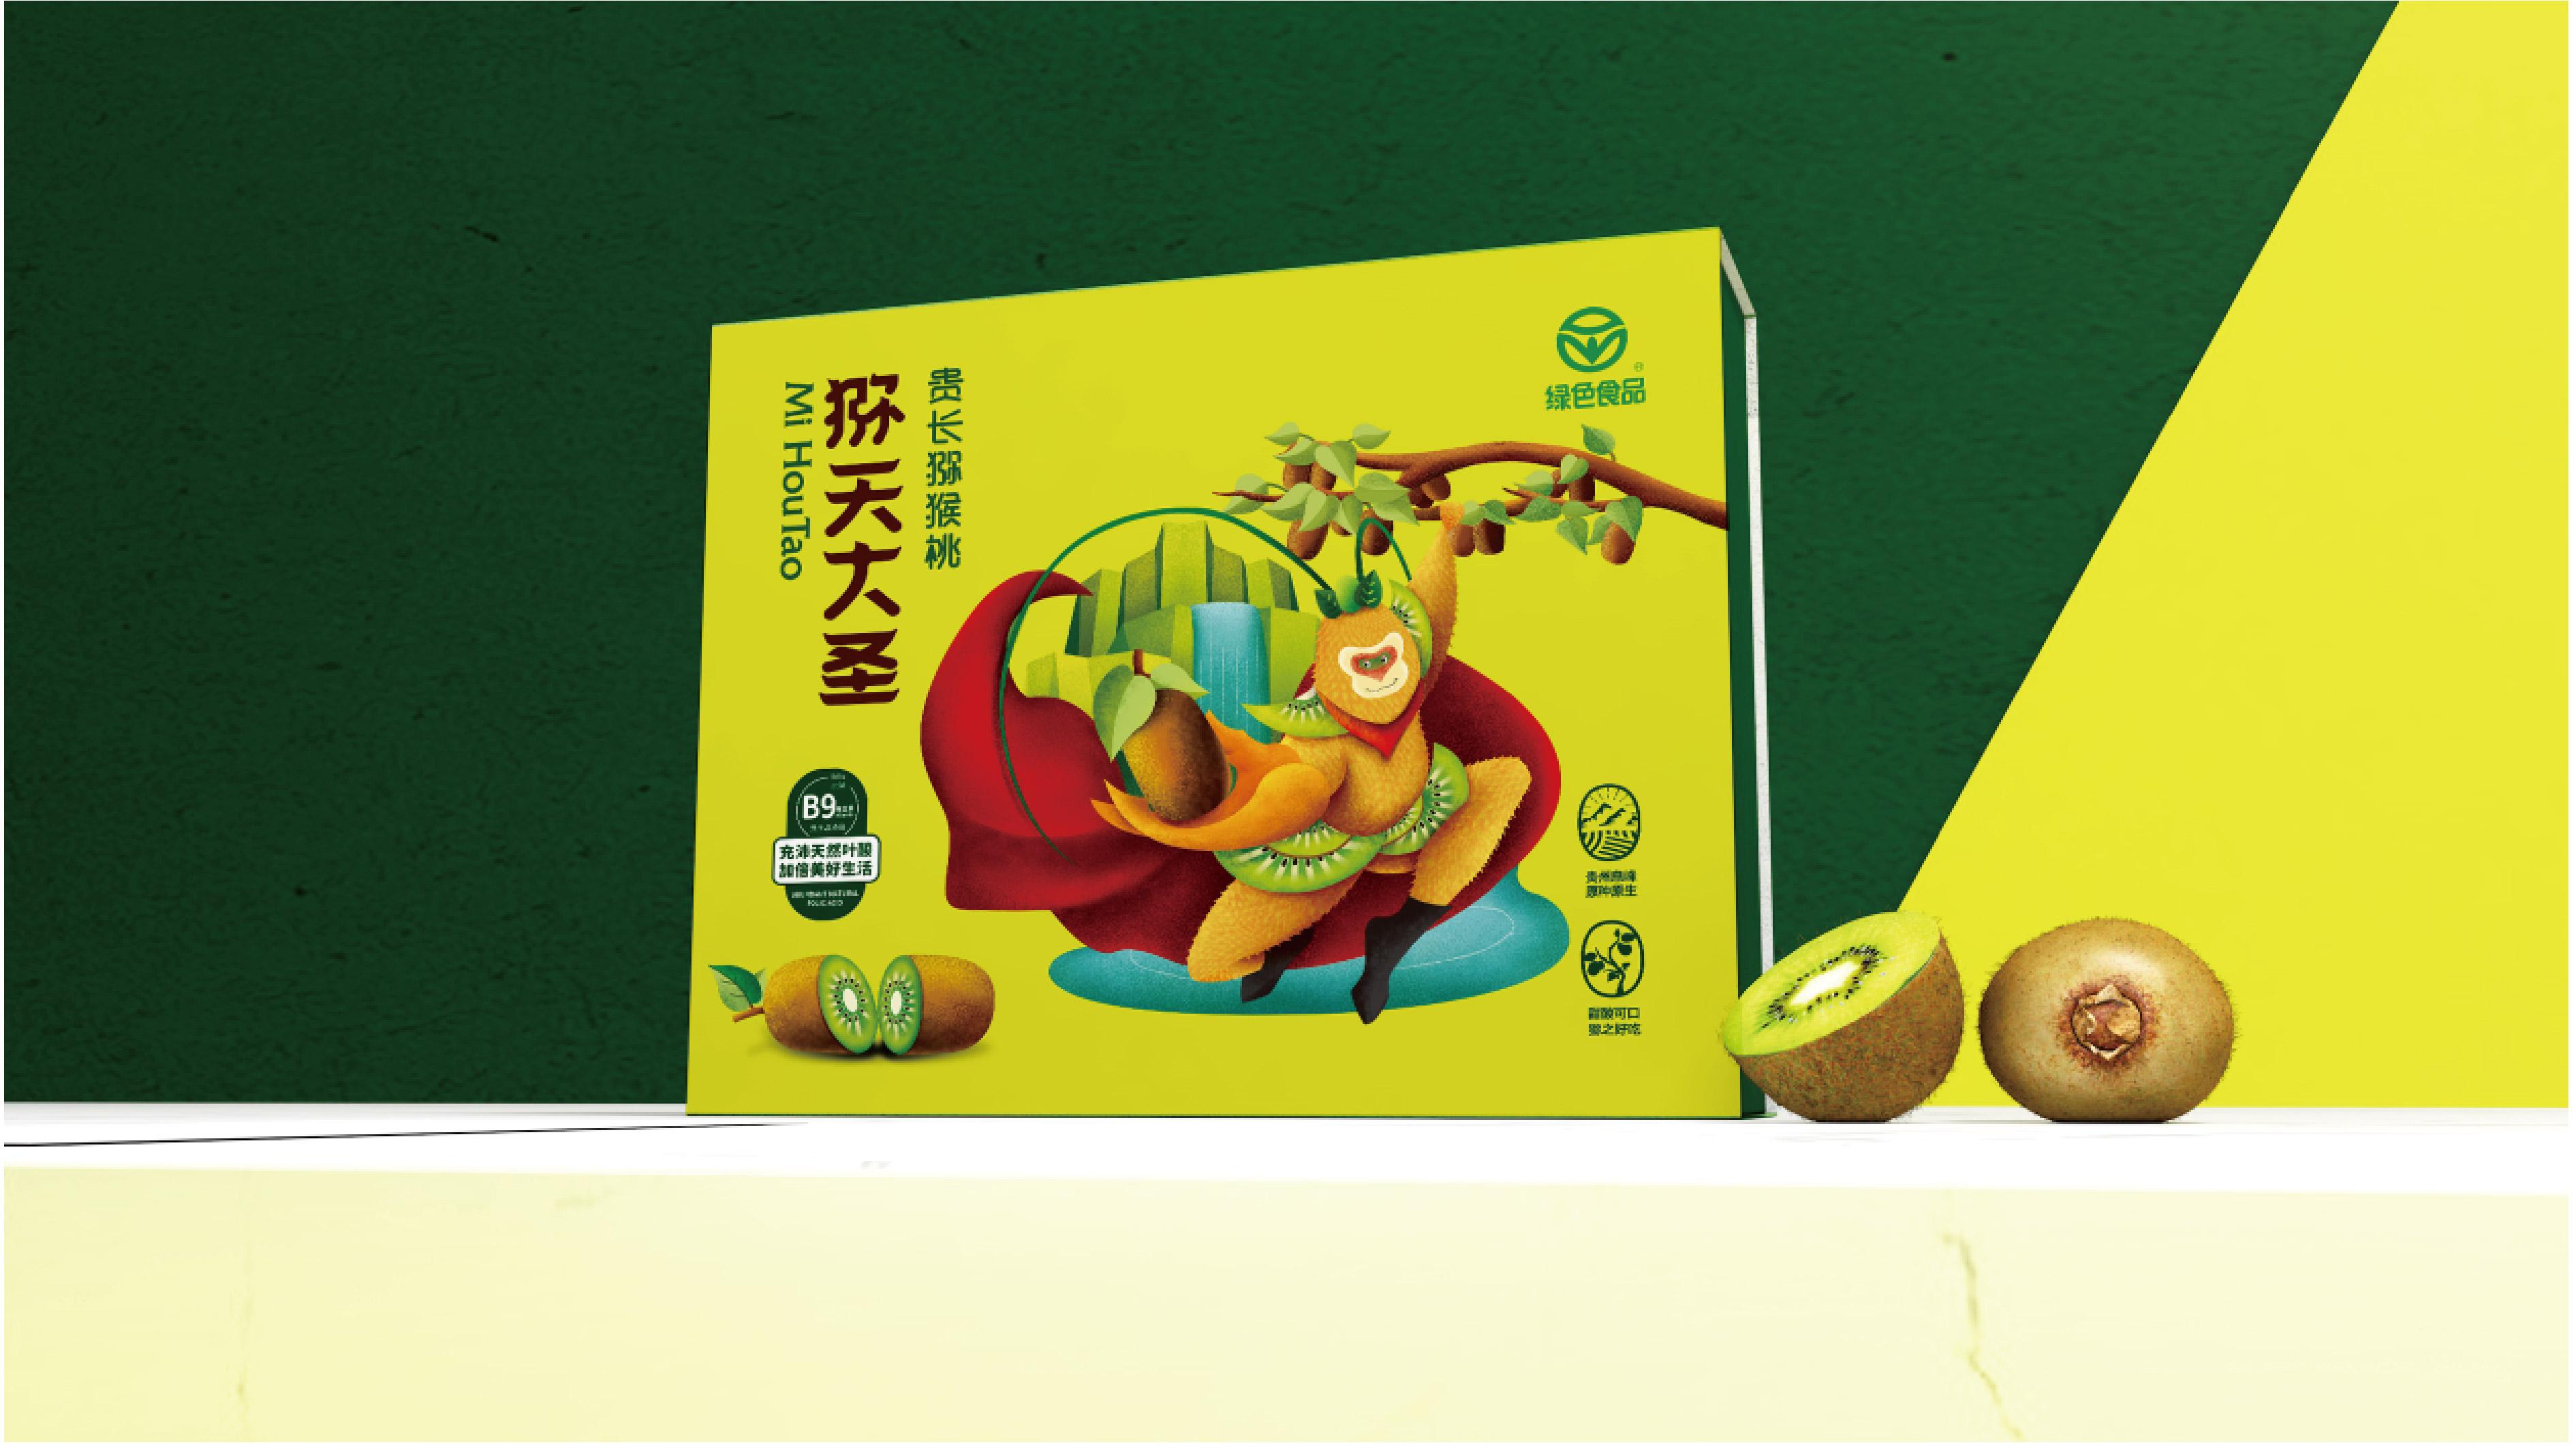 洪9獼猴桃-洪9獼猴桃-09